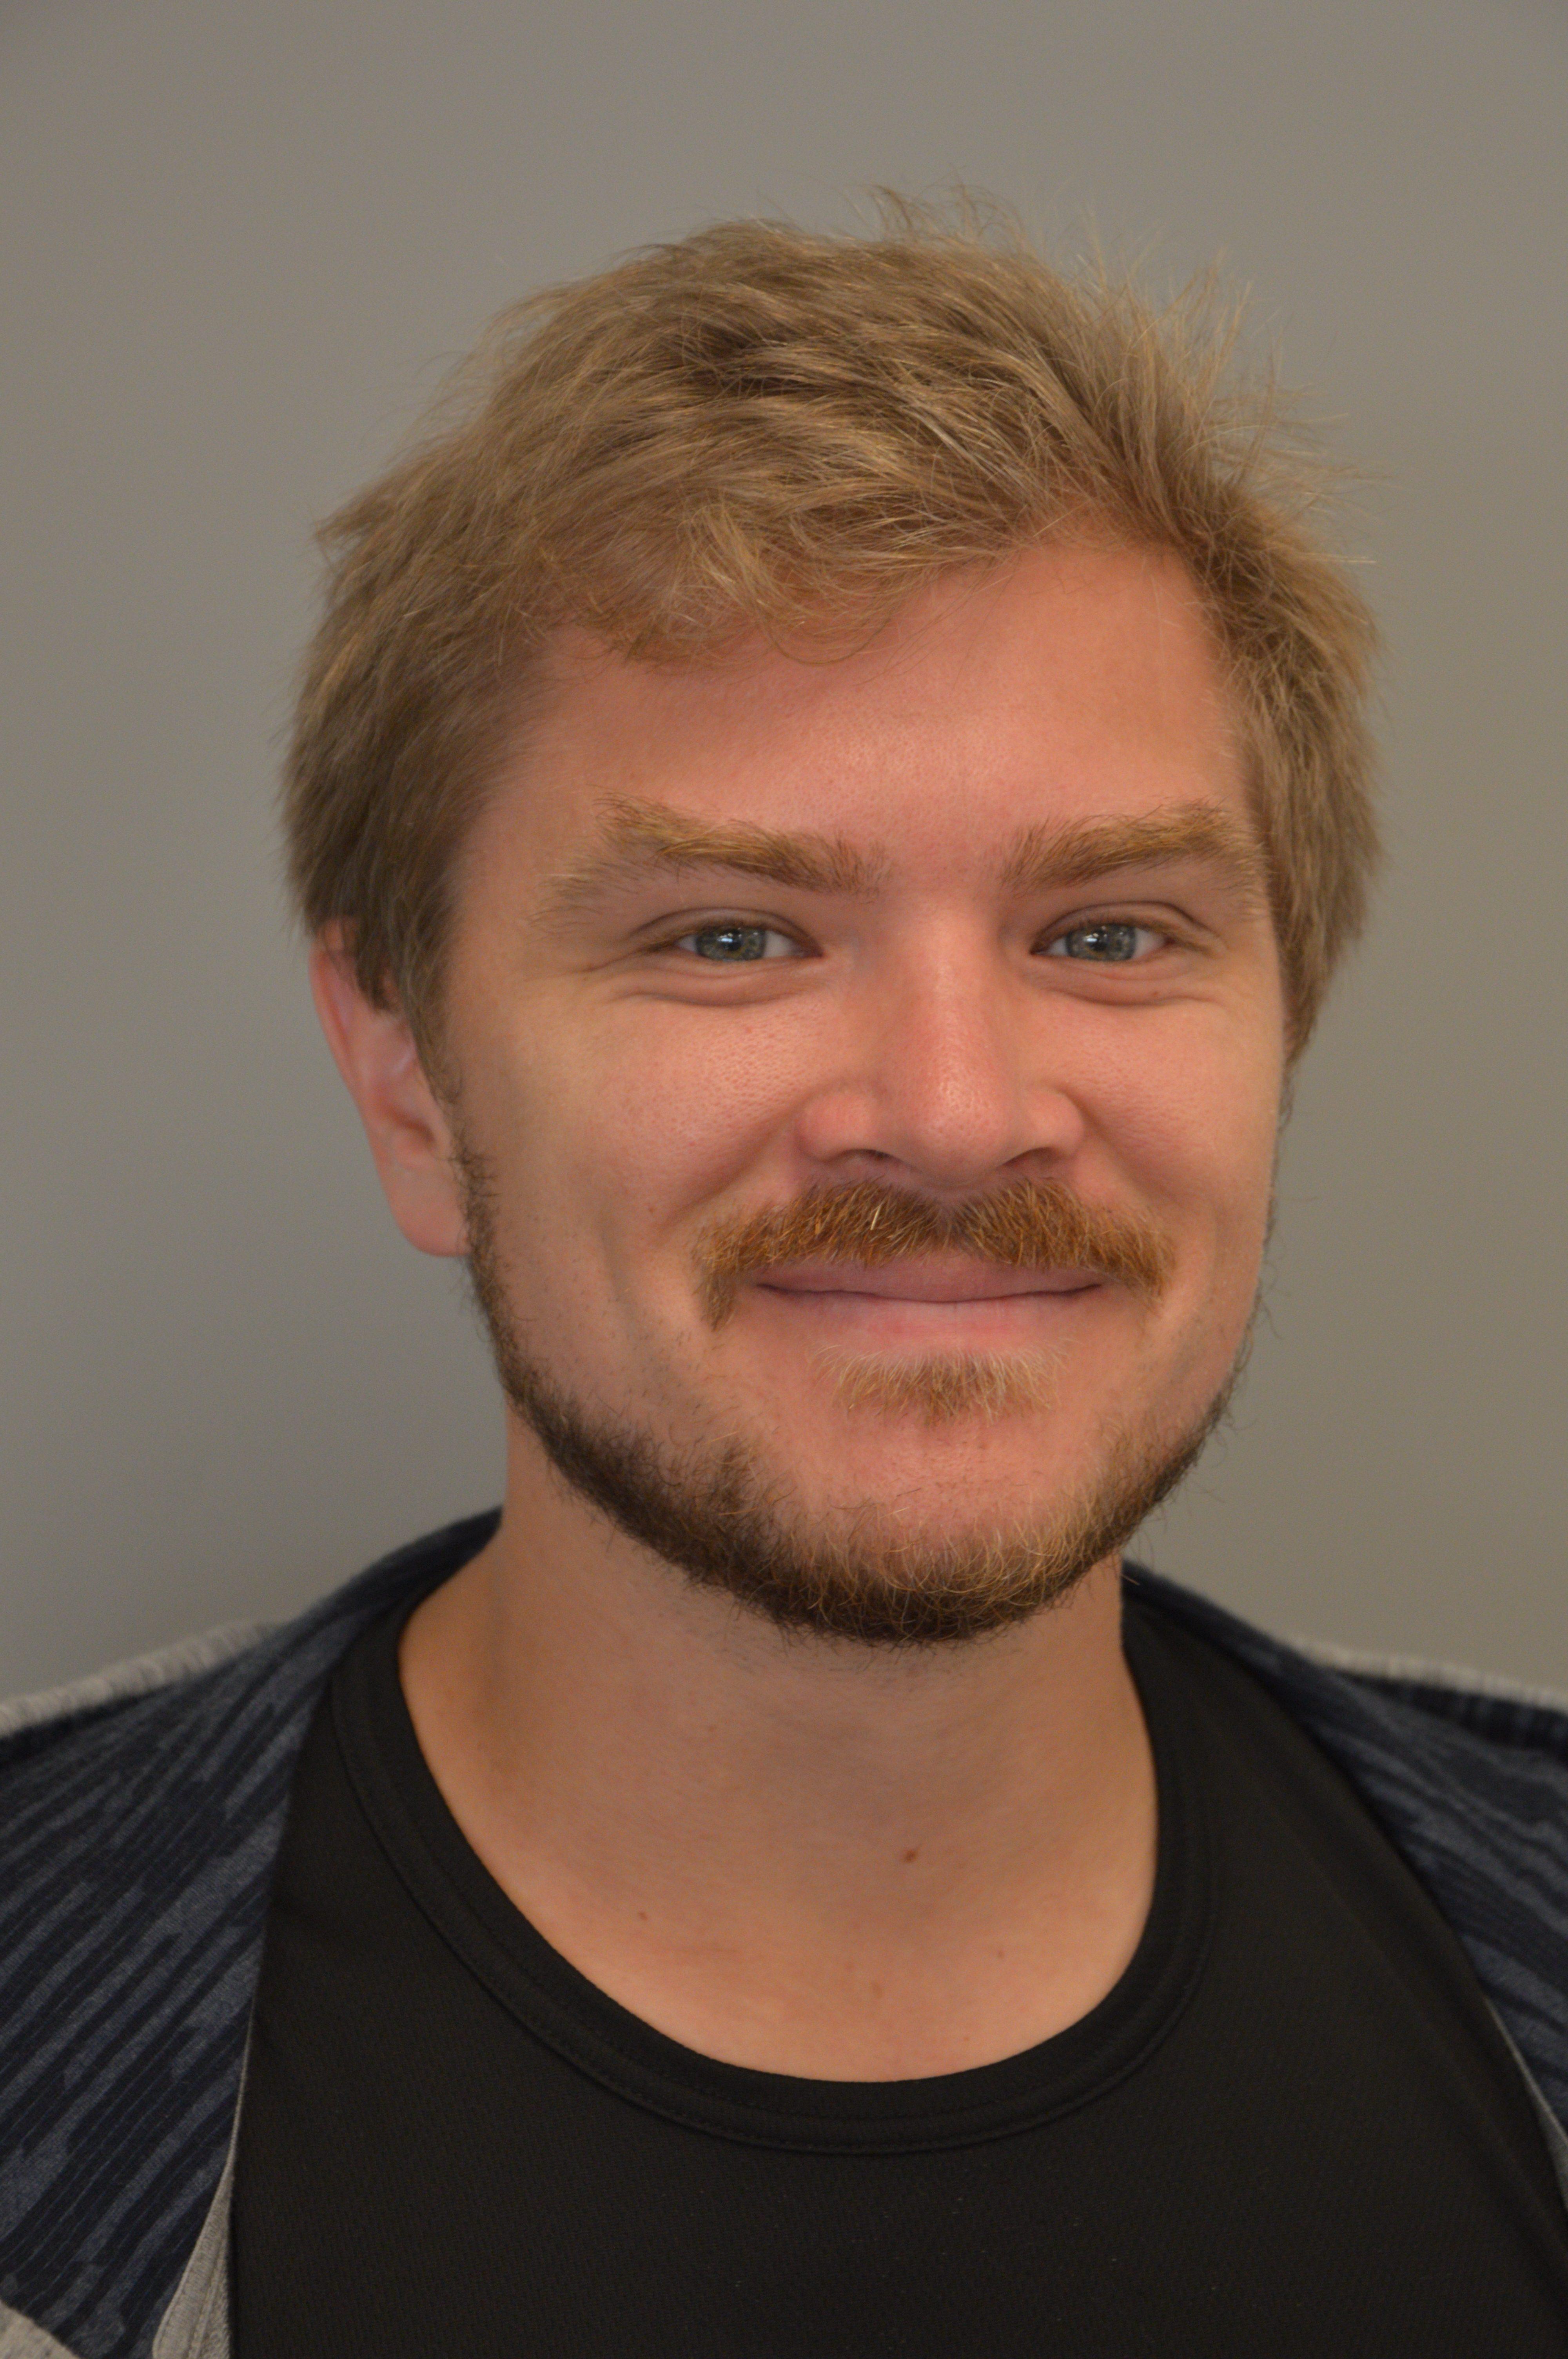 Tobias Børgaard